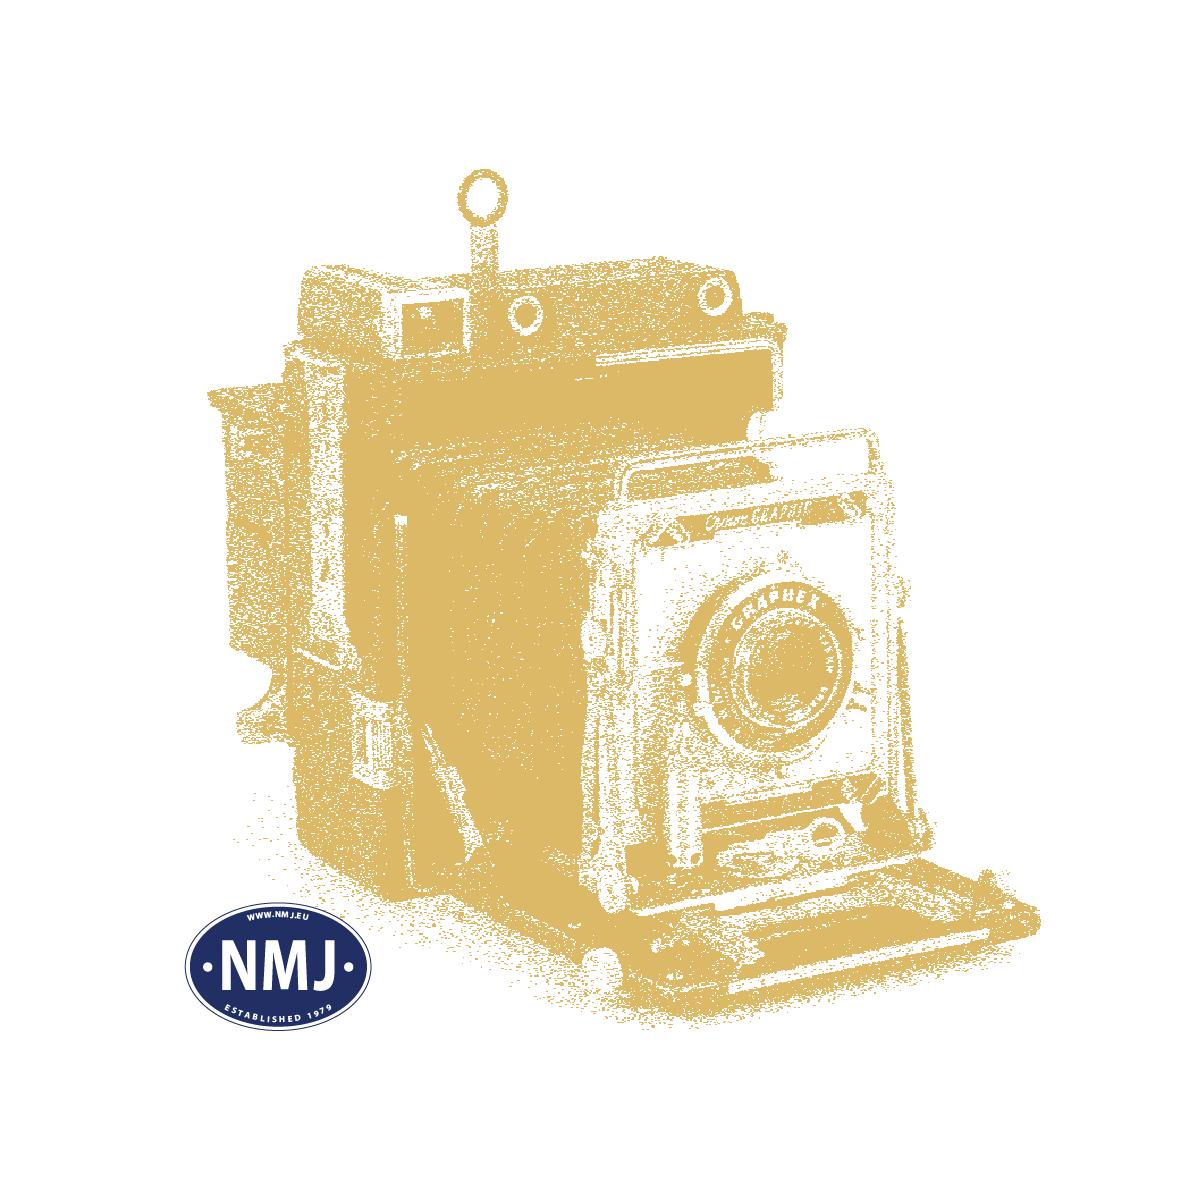 JOS2500 - Nordisk enebolig med Mansard tak, Hvit, laser-cut, NMJ Exclusive